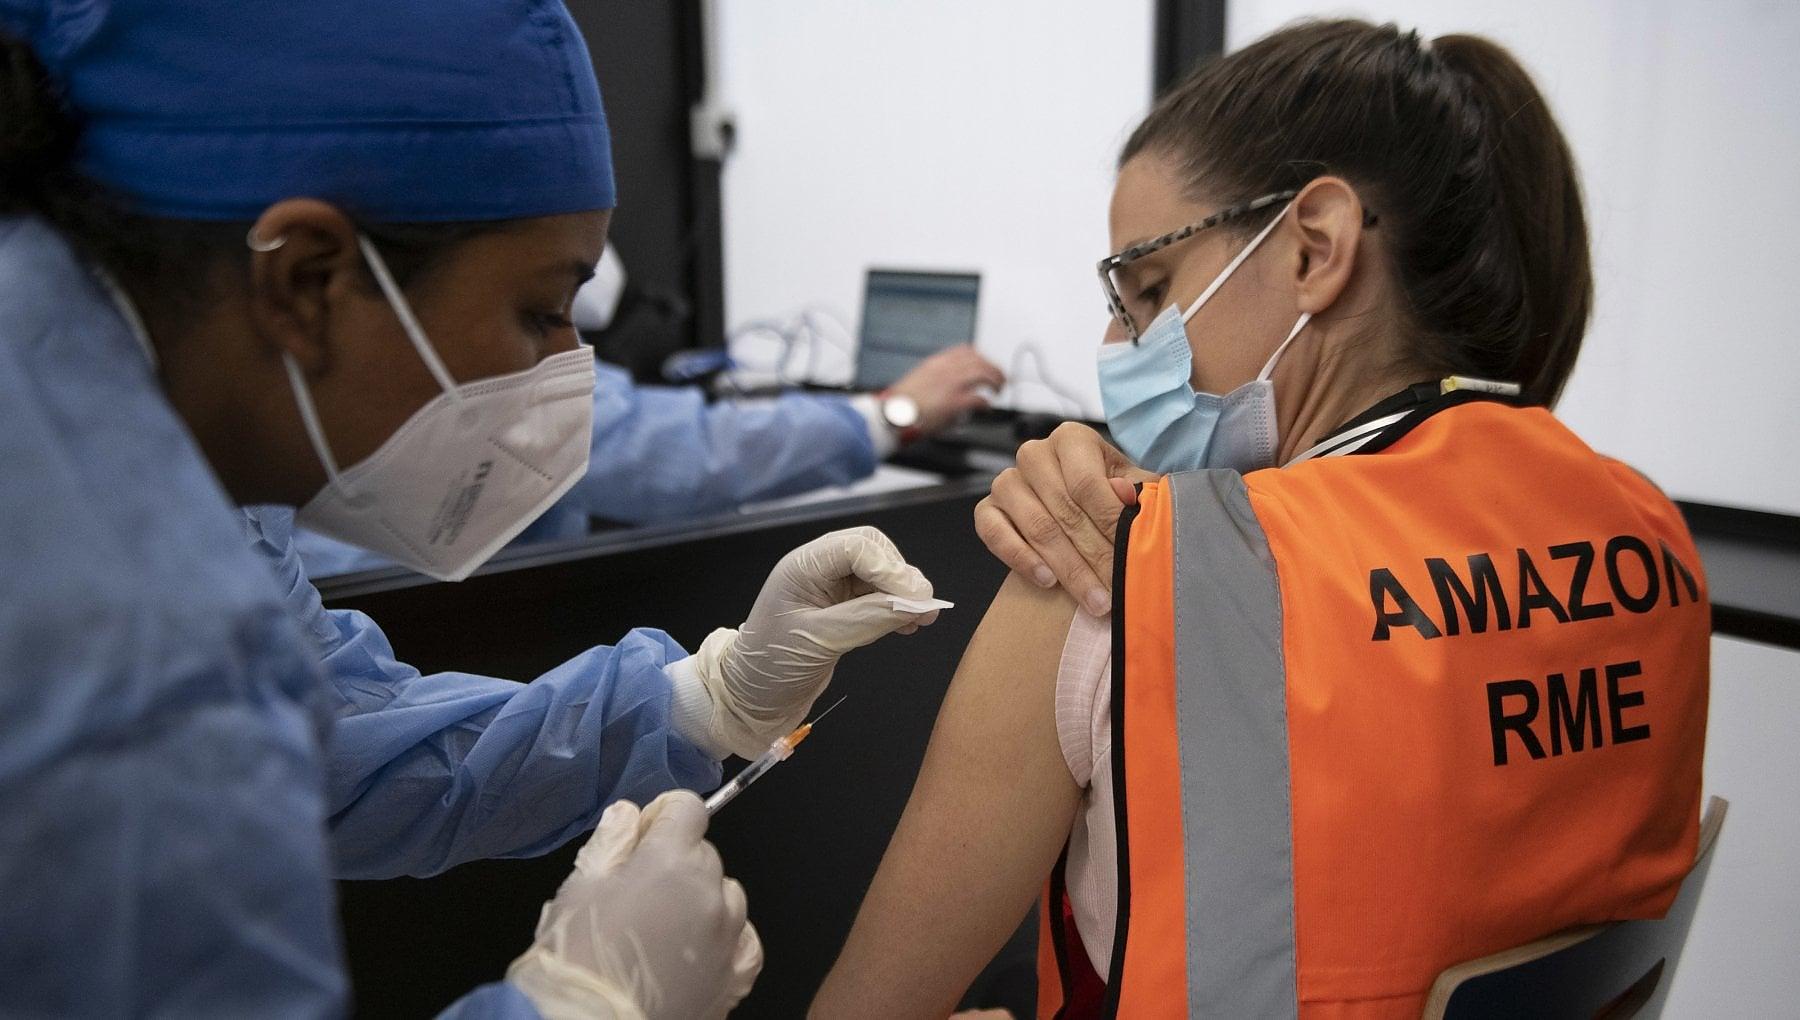 215812573 988acf73 f4ff 4fec b63e 60a9a9b78746 - Vaccini, via alle iniezioni in azienda. Ma l'adesione è volontaria